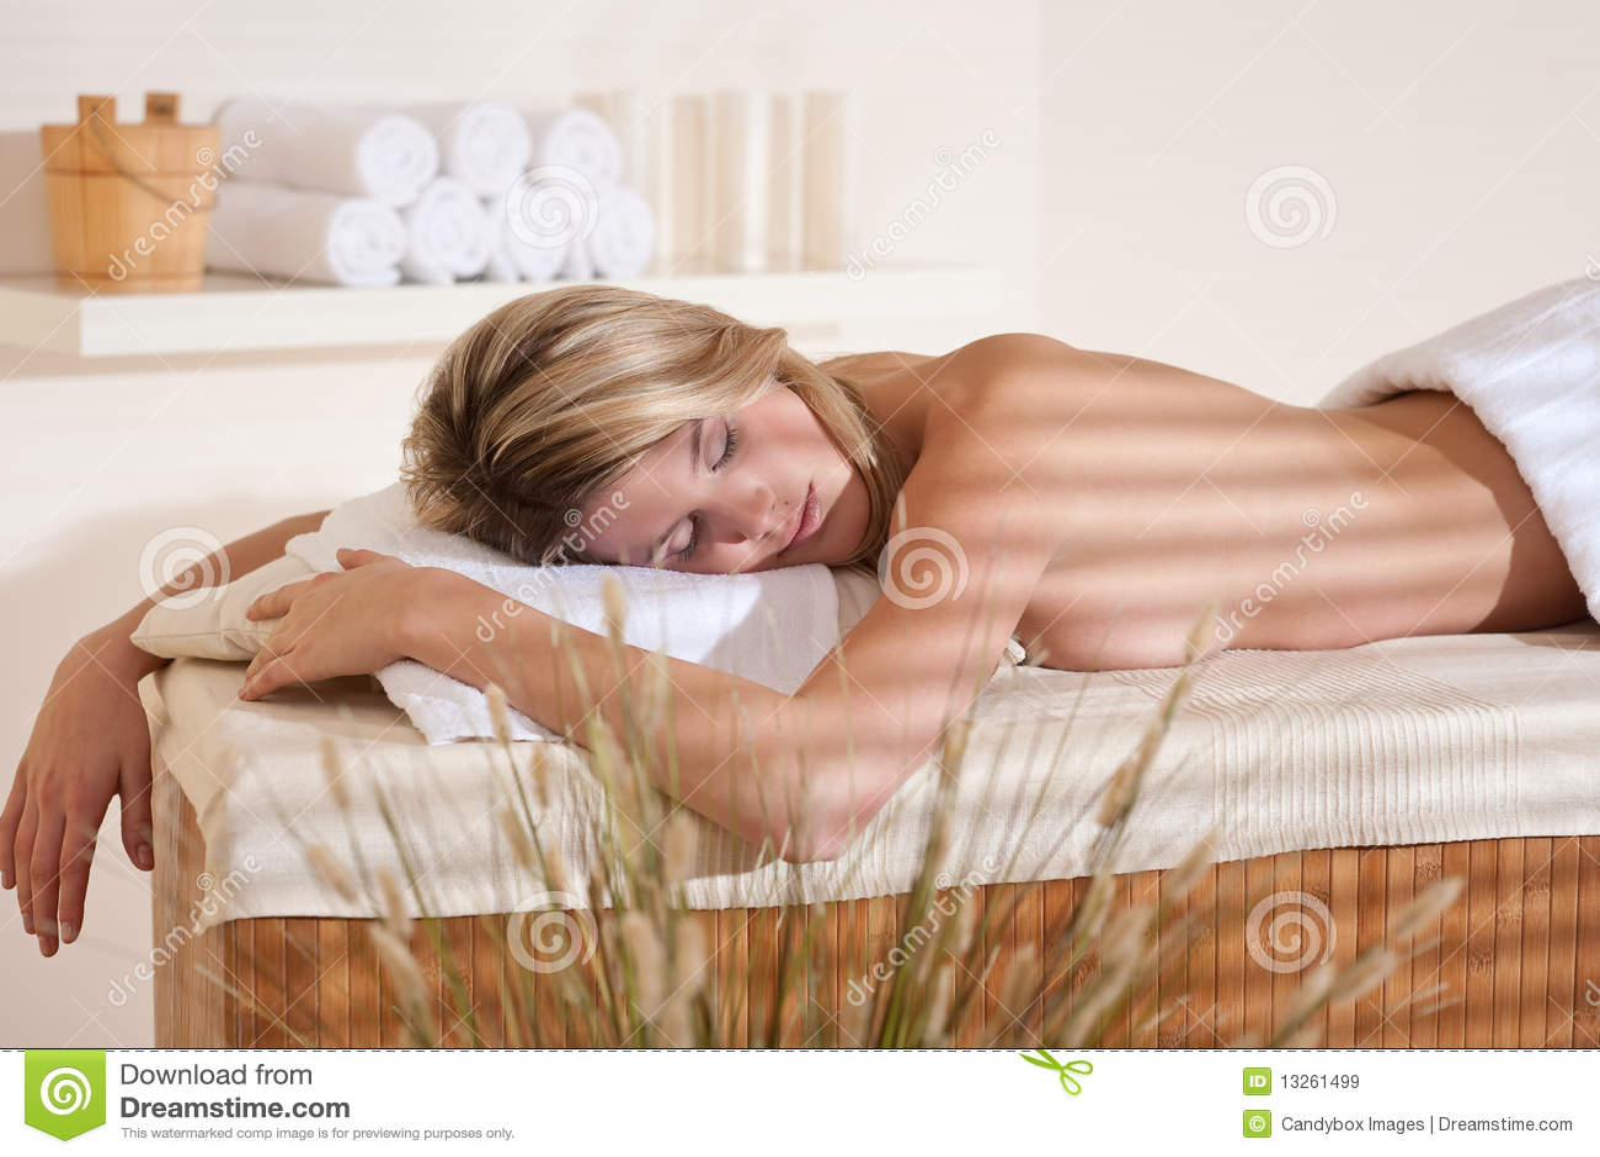 Stazione termale - giovane donna alla distensione di massaggio di wellness